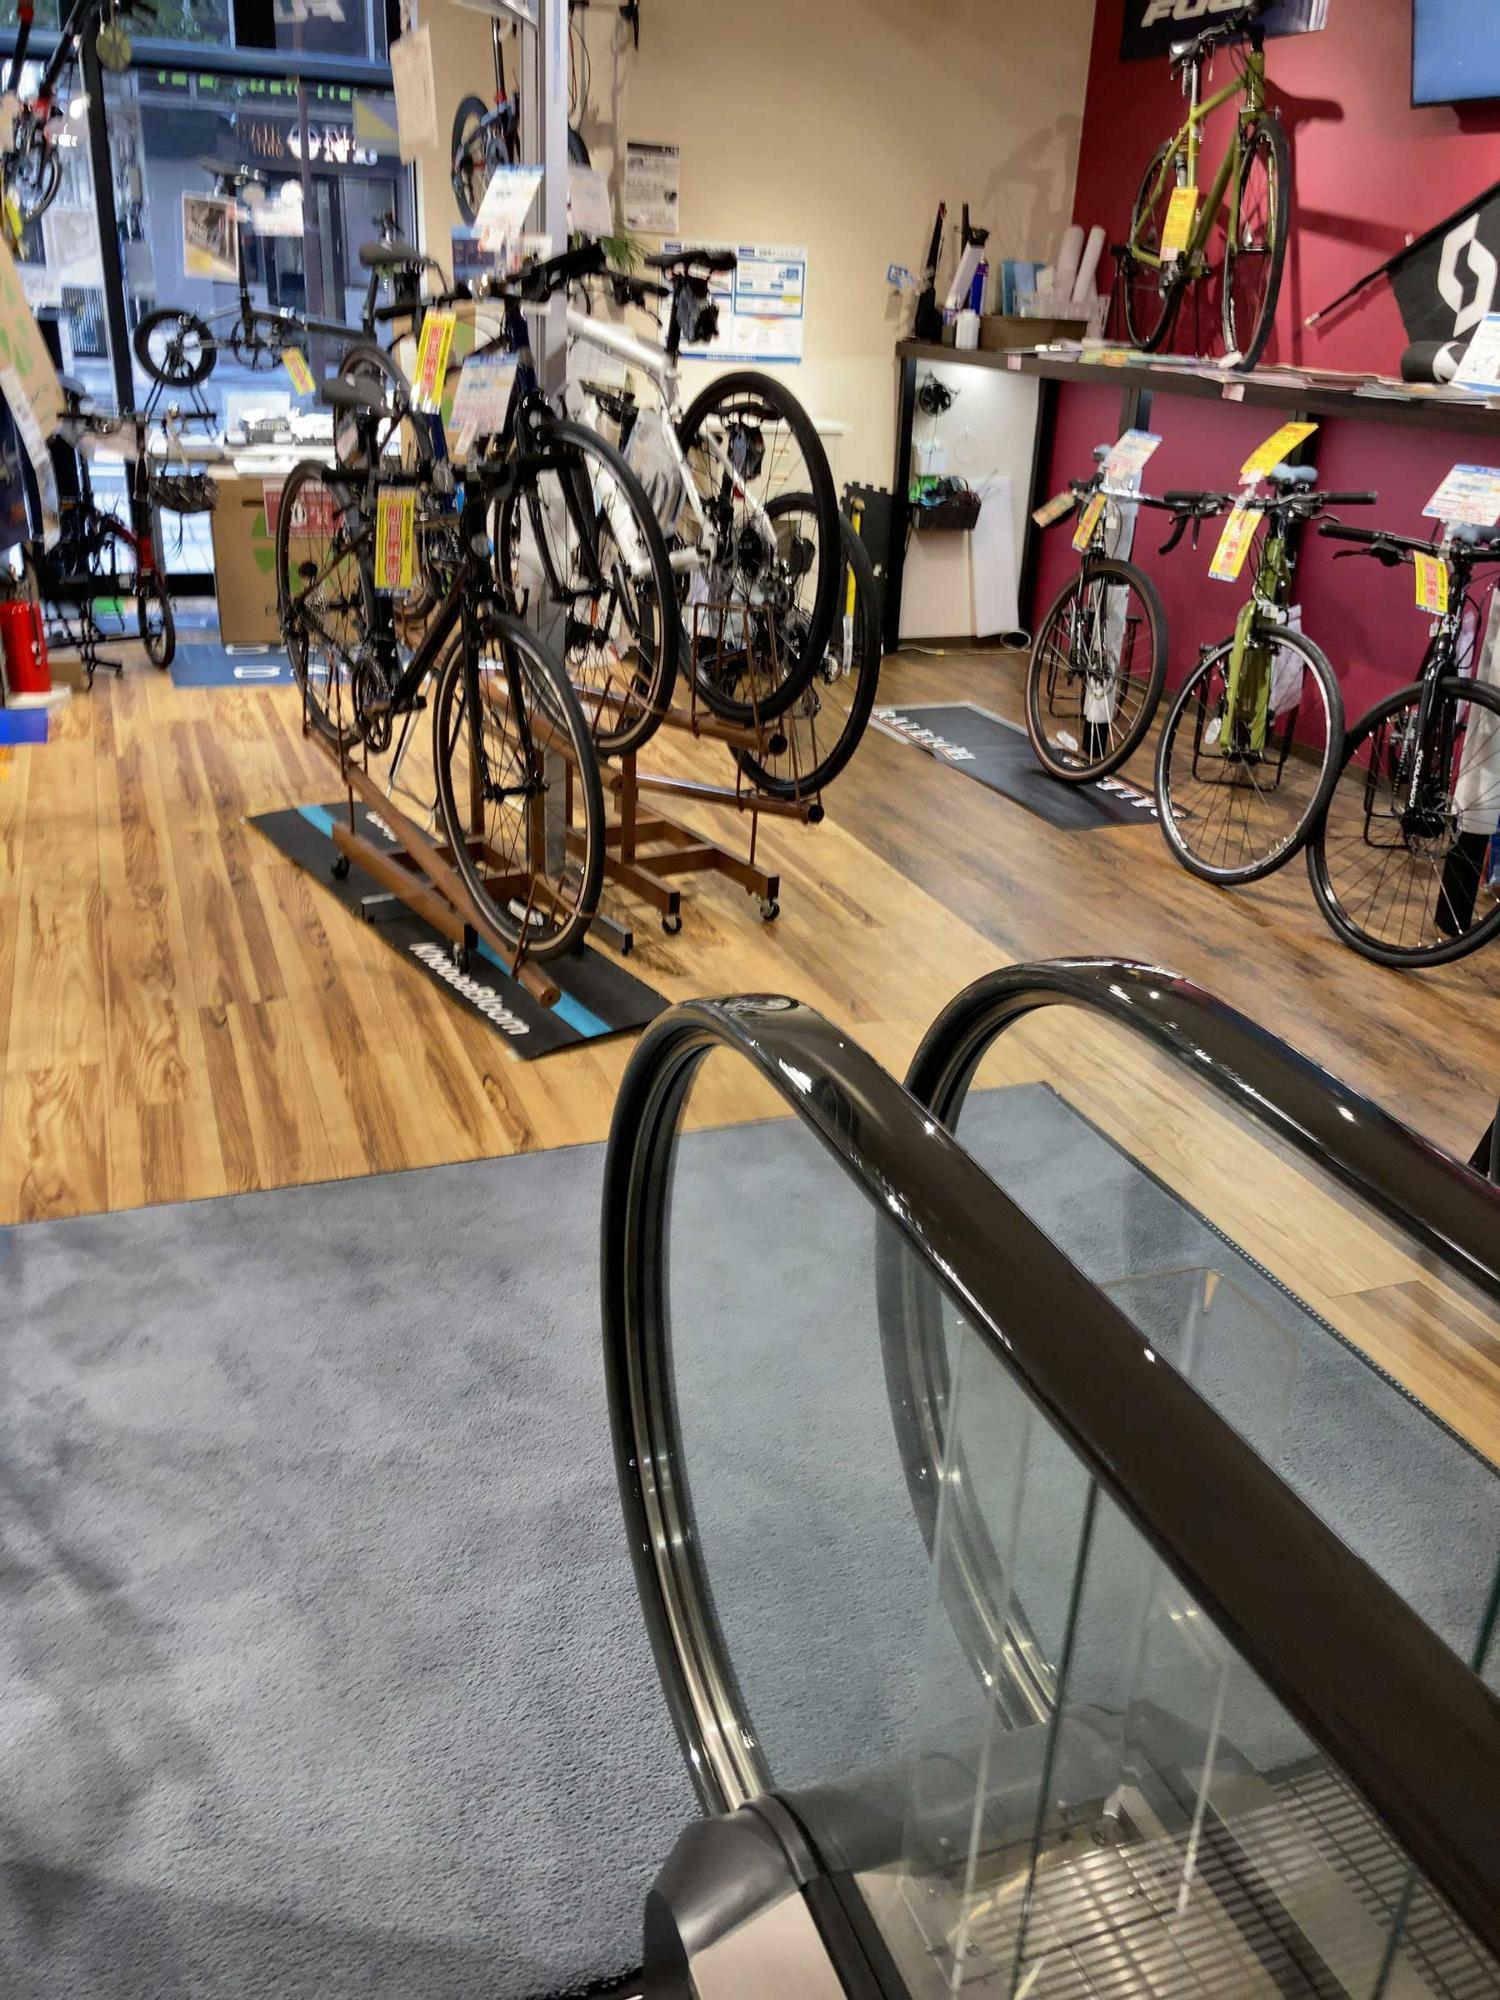 一階には自転車が所狭しと並べられていて、ワクワクします